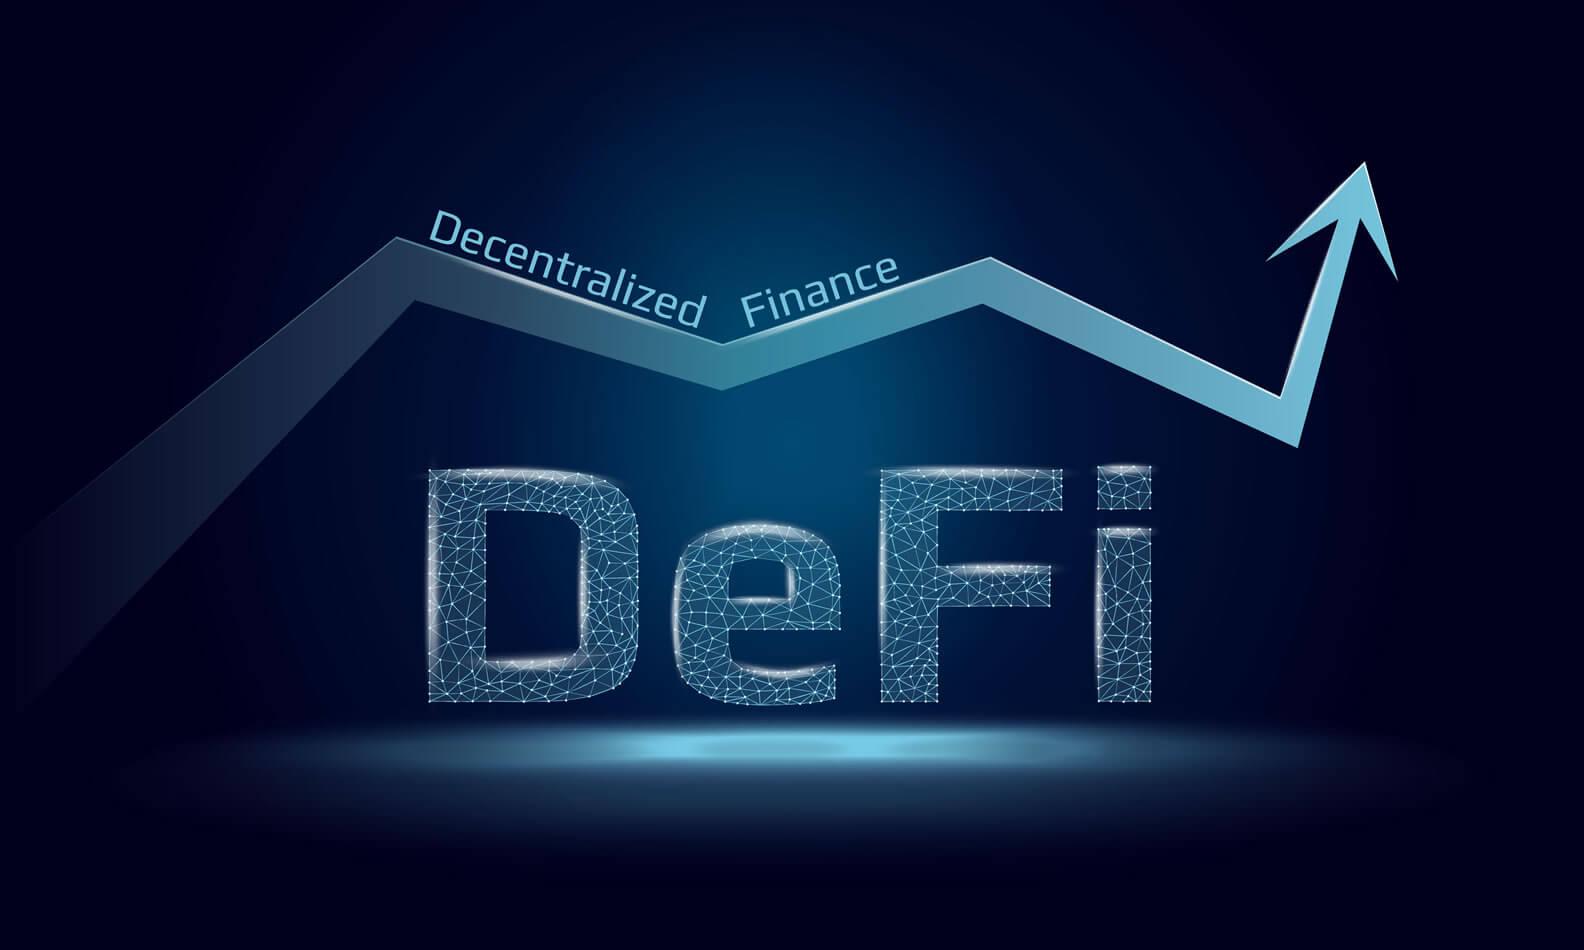 DeFiと仮想通貨の関係性とは